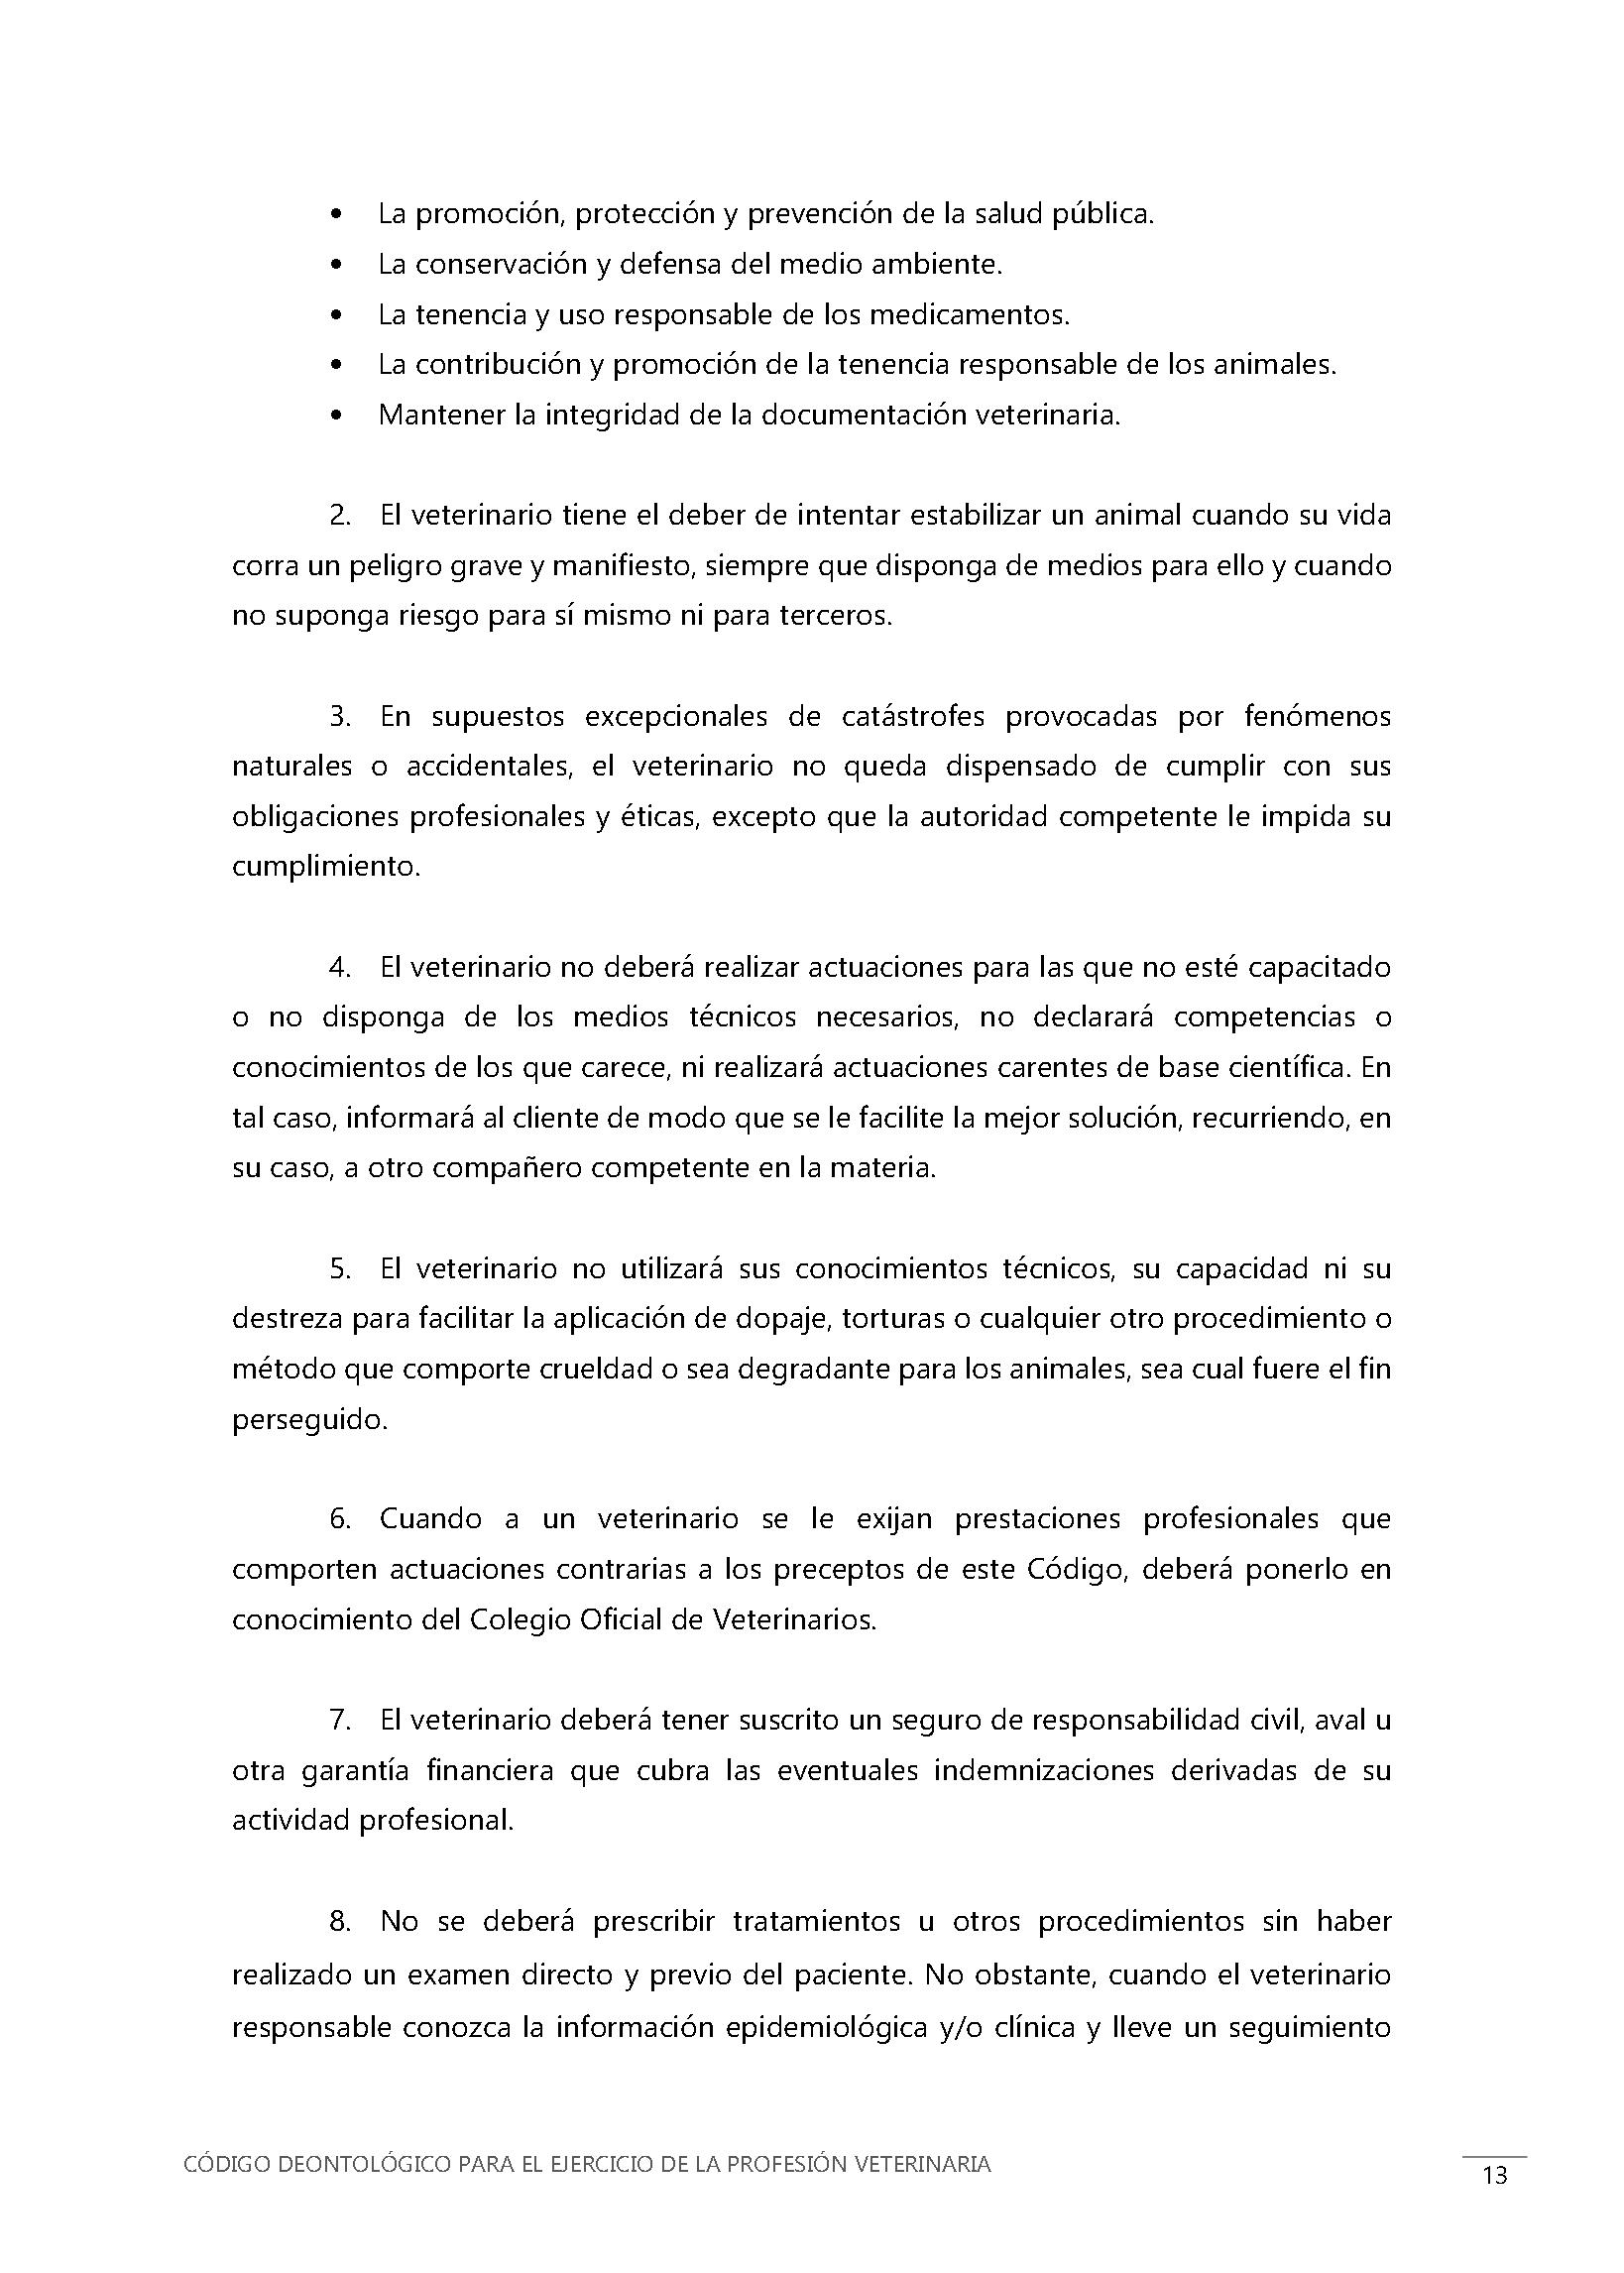 codigo deontológico dic 2018_Página_15